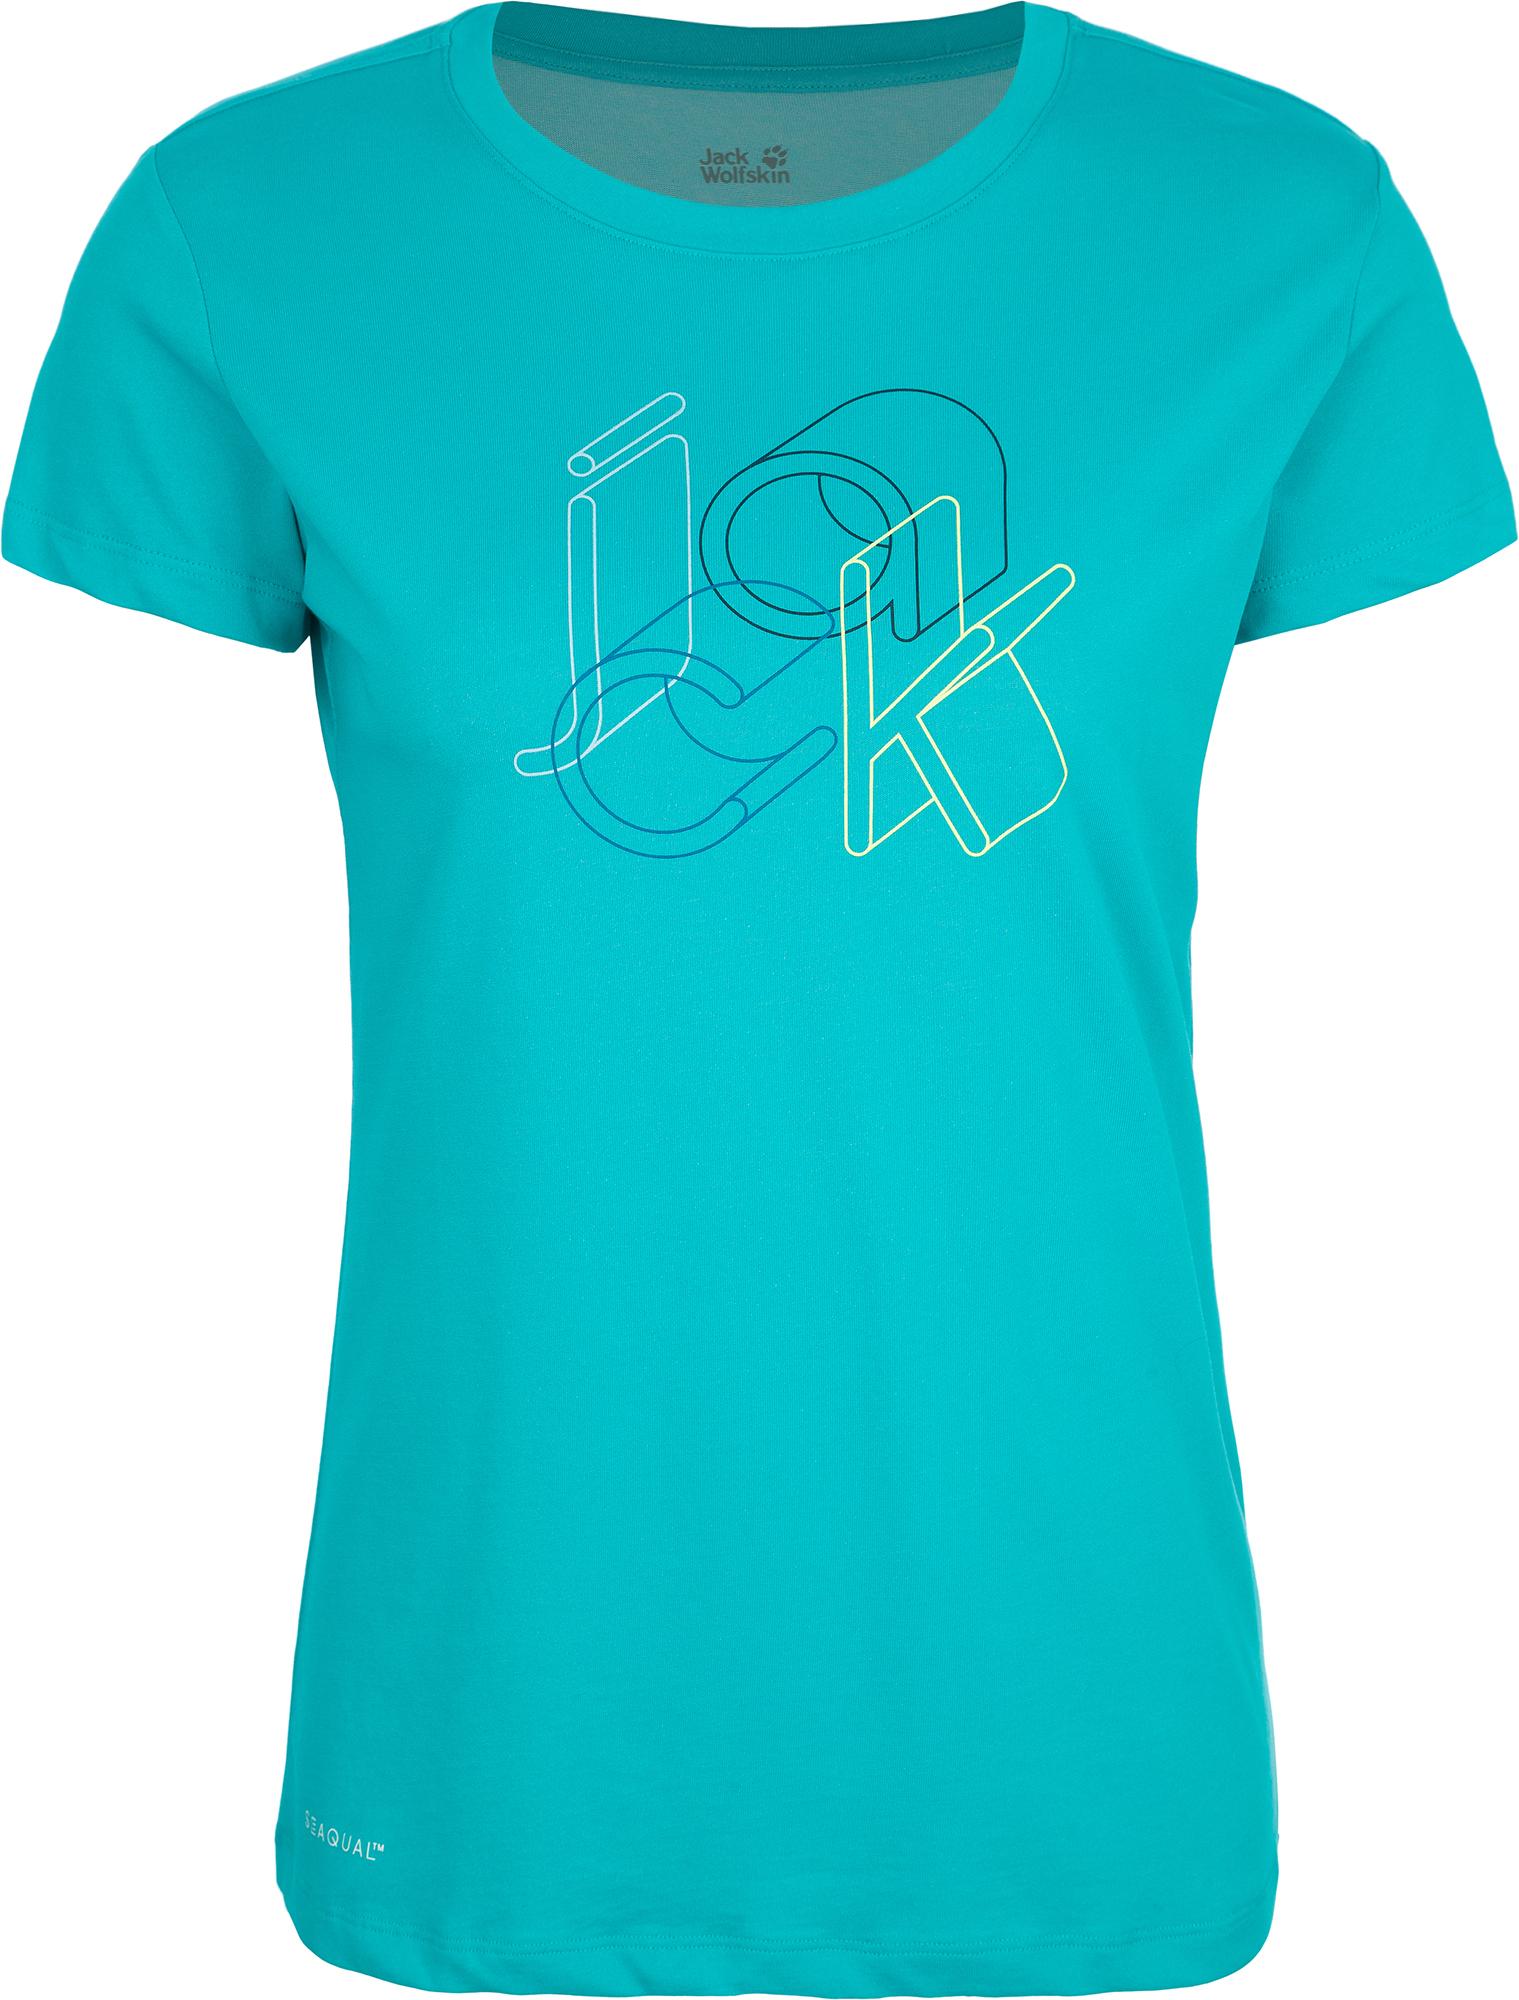 JACK WOLFSKIN Футболка женская JACK WOLFSKIN Ocean, размер 50 футболка jack